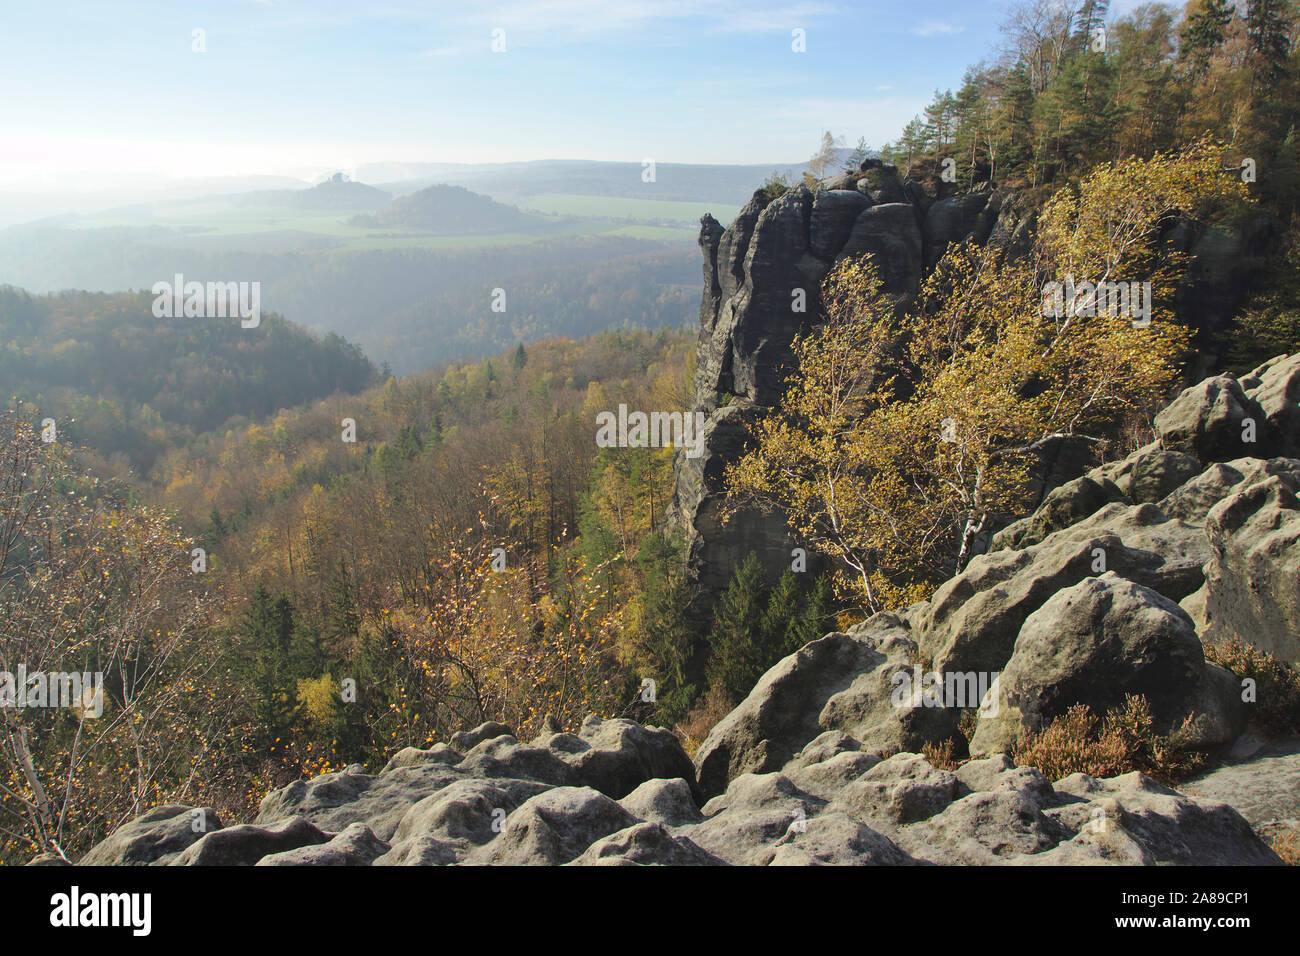 Viewpoint Breite Kluft, autumn, Sächsische Schweiz, Germany Stock Photo